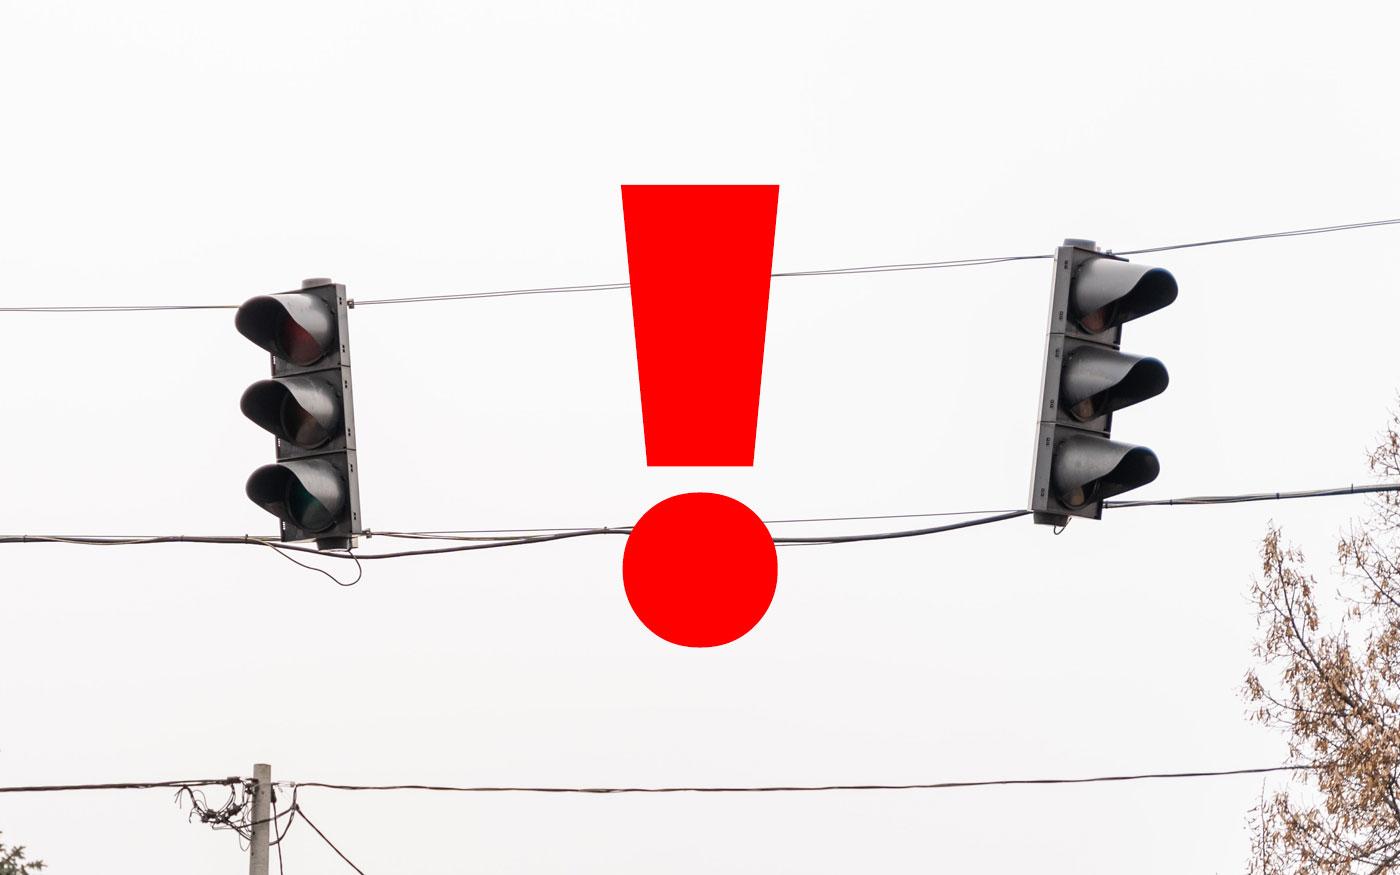 Nem téves, hanem új információ: két hónapról két hétre faragta az Önkormányzat a Közútnál a lámpás kereszteződés javítását